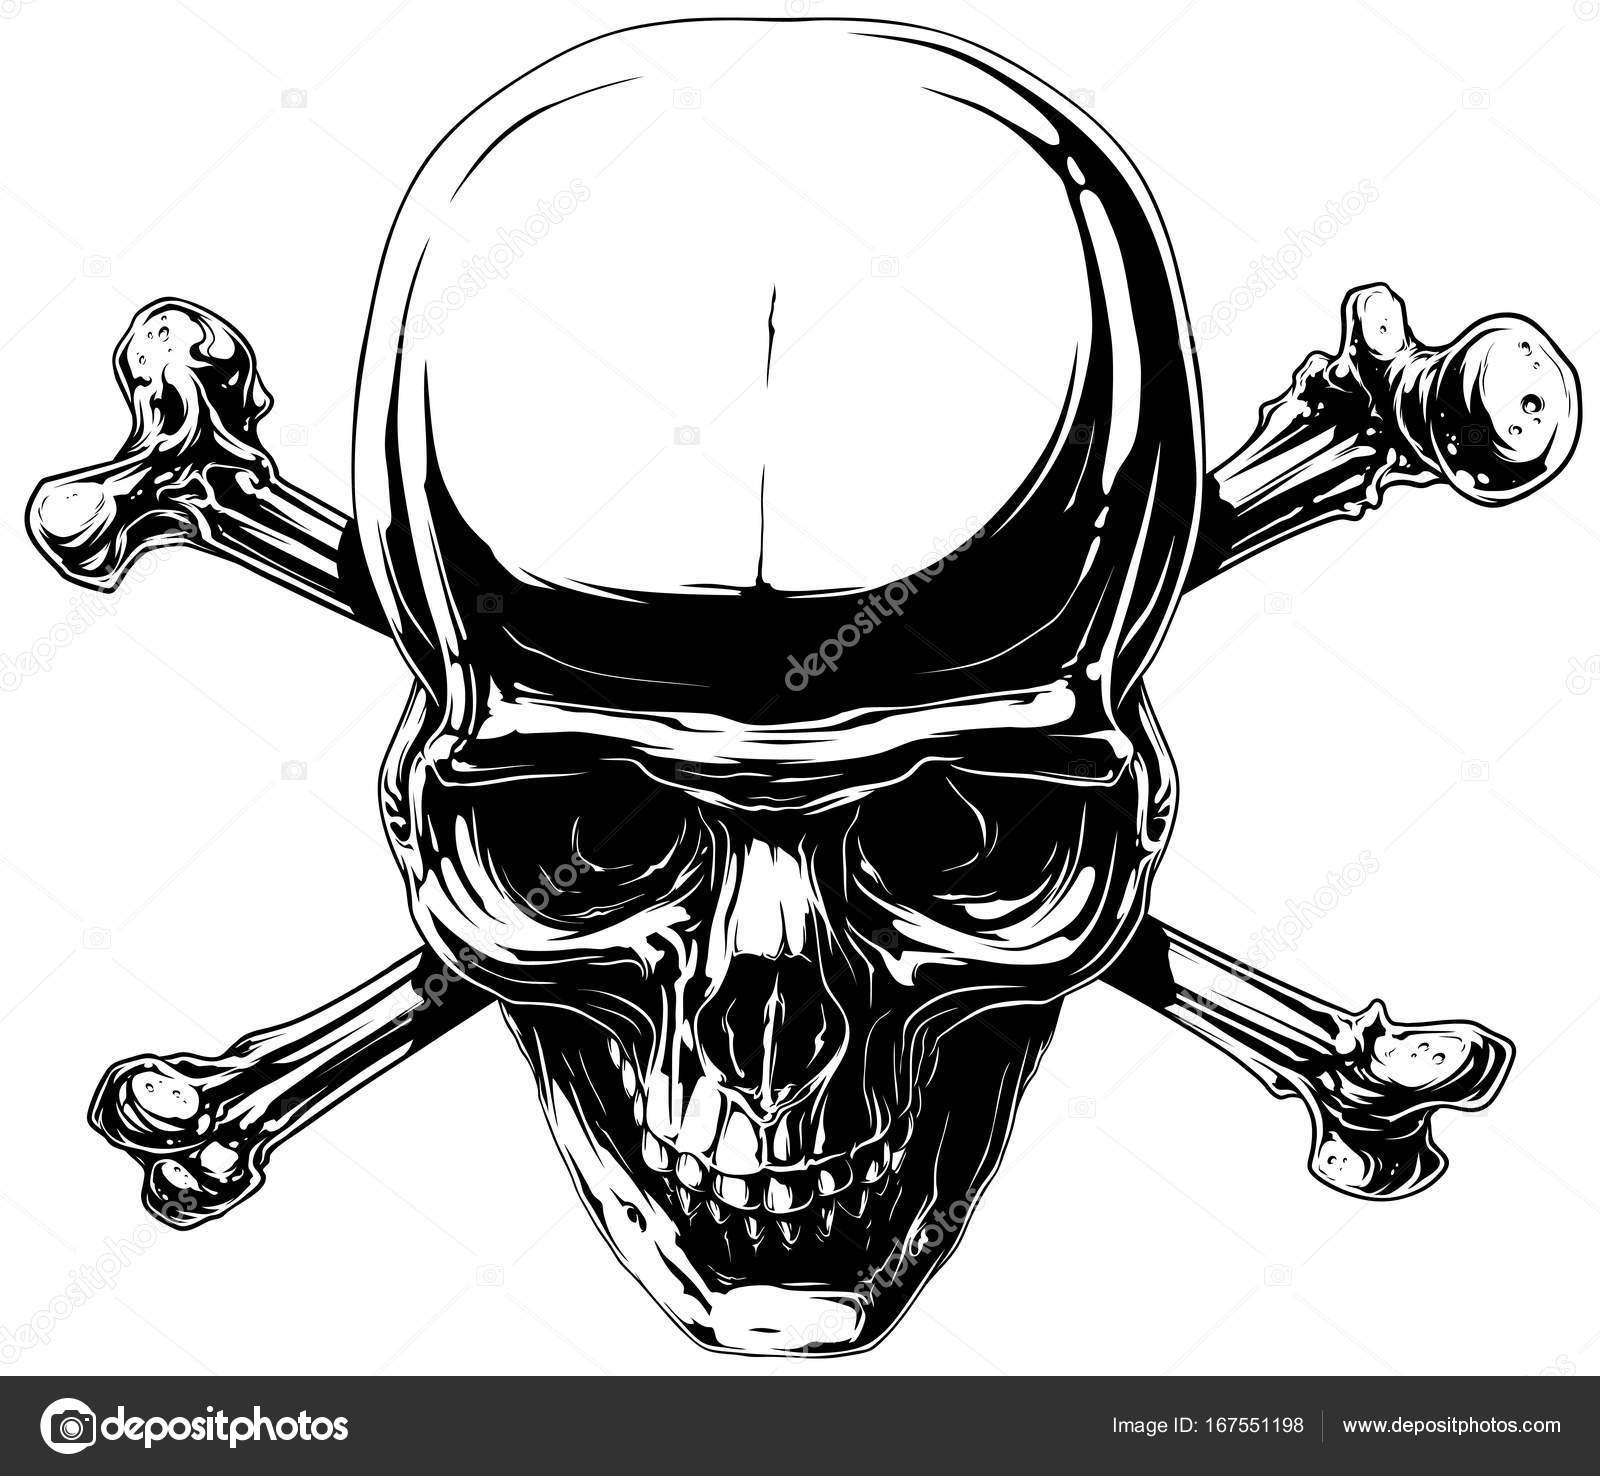 Cráneo humano horror gráfico con huesos cruzados — Archivo Imágenes ...